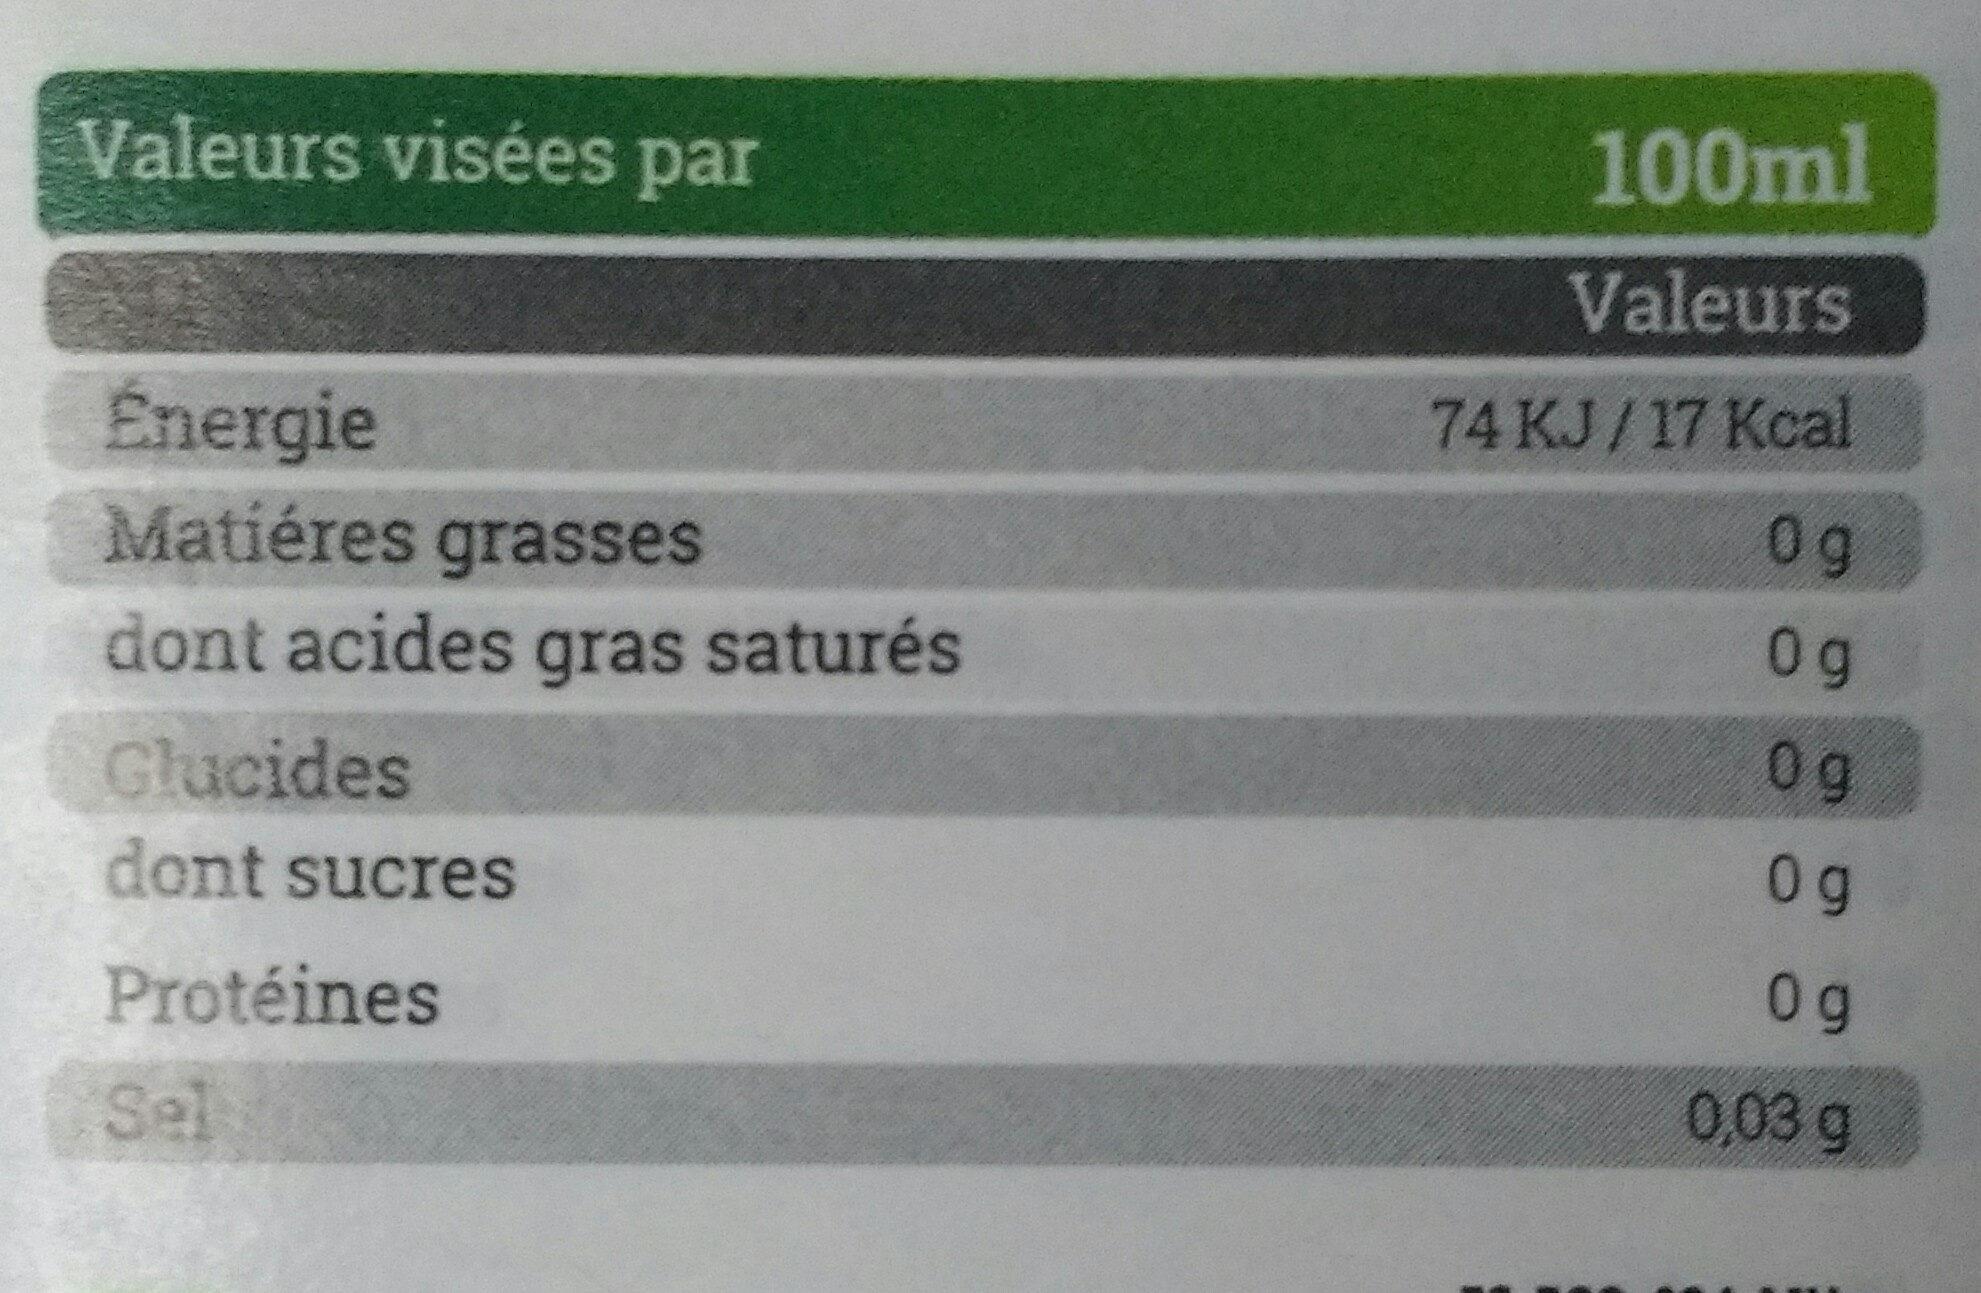 Vinaigre de pomme bio - Voedingswaarden - fr